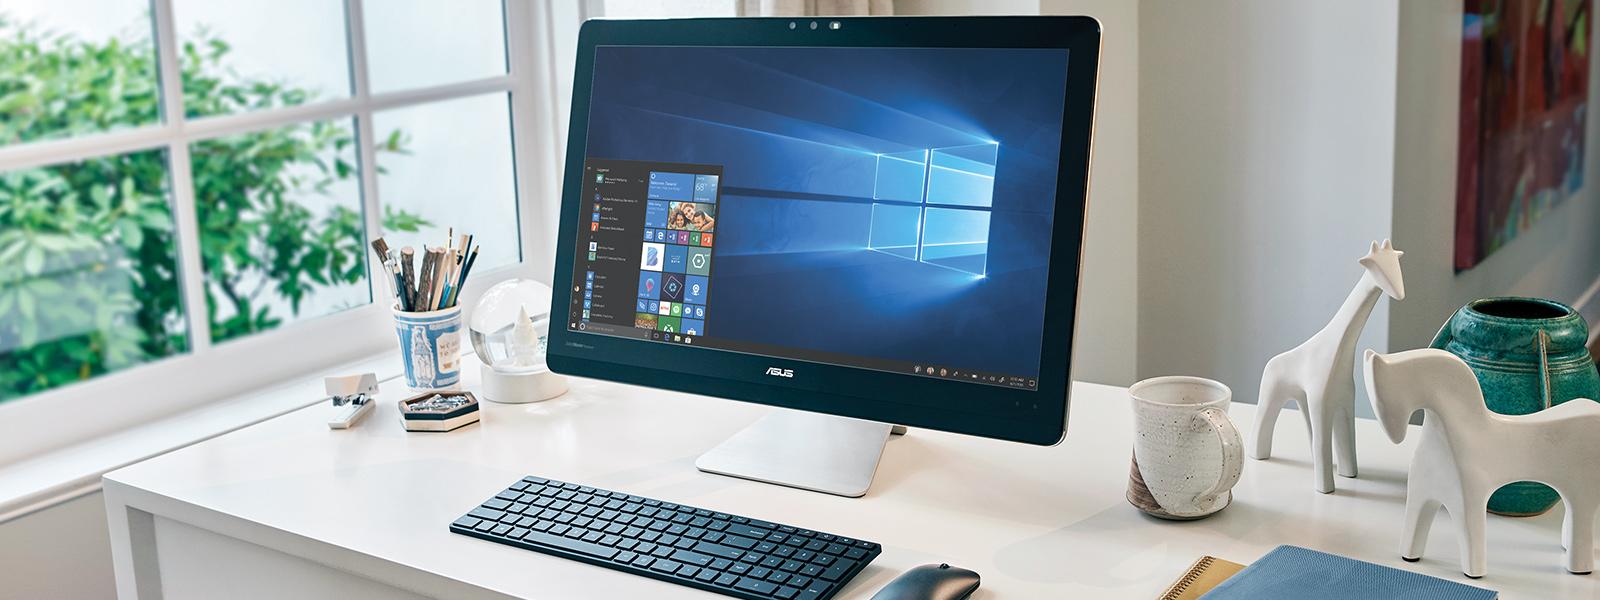 ASUSe lauaarvuti koos juhtmeta hiire ja klaviatuuriga selle kõrval